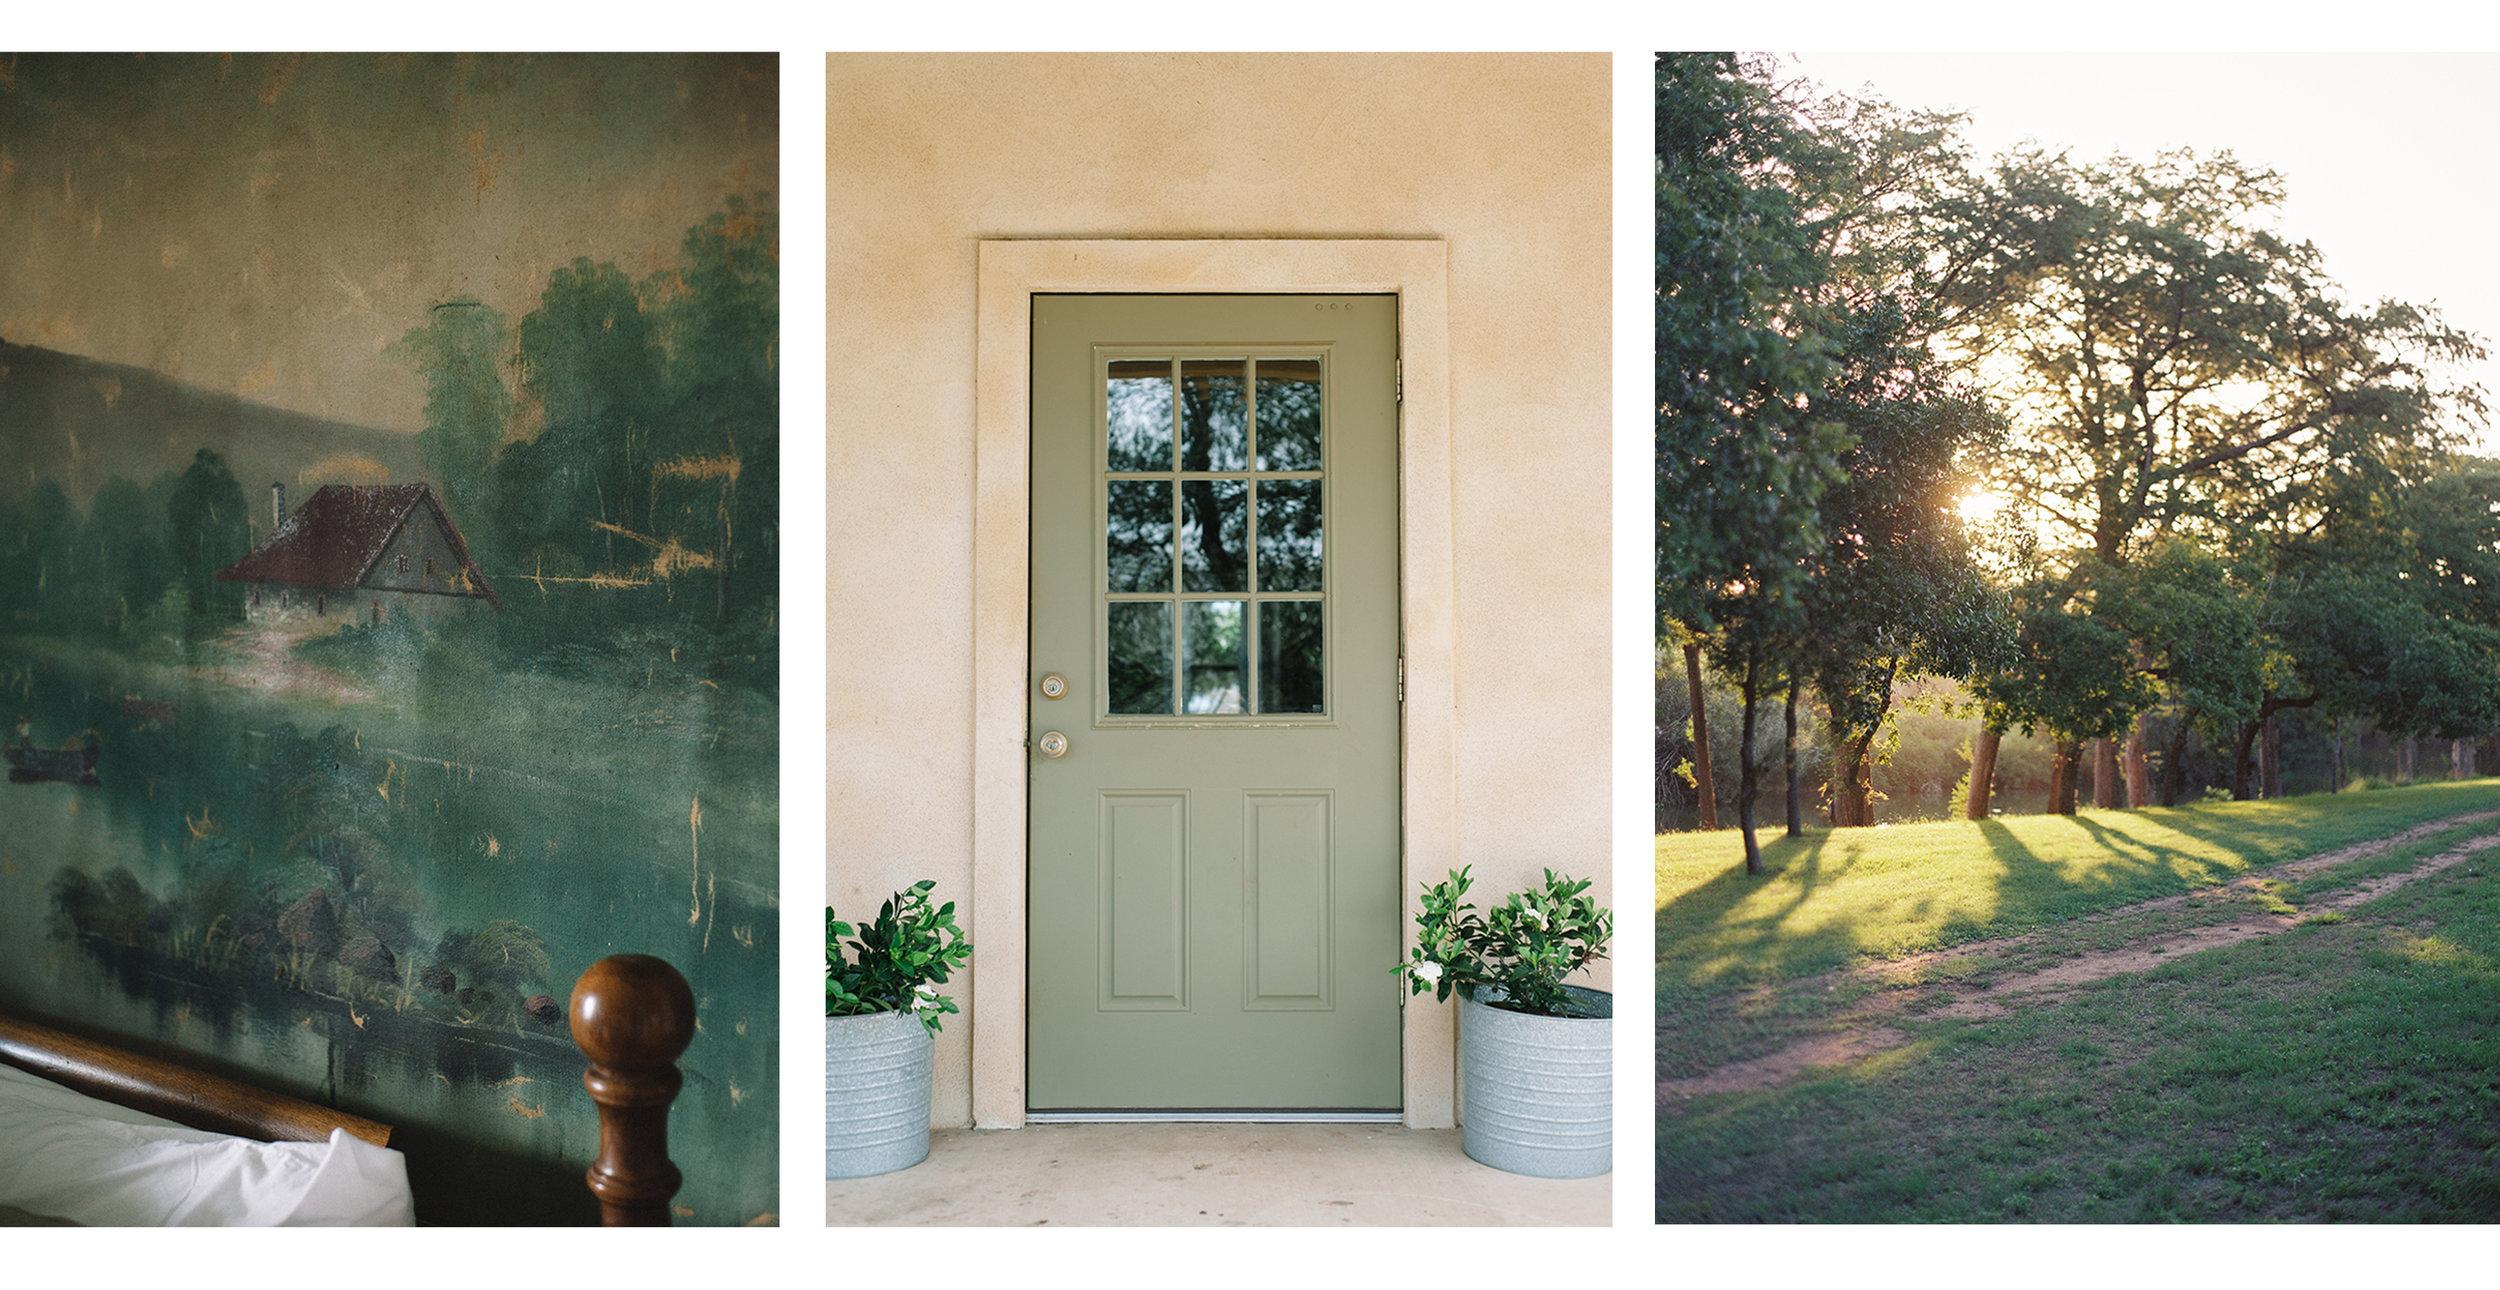 Images by Katie Hyatt